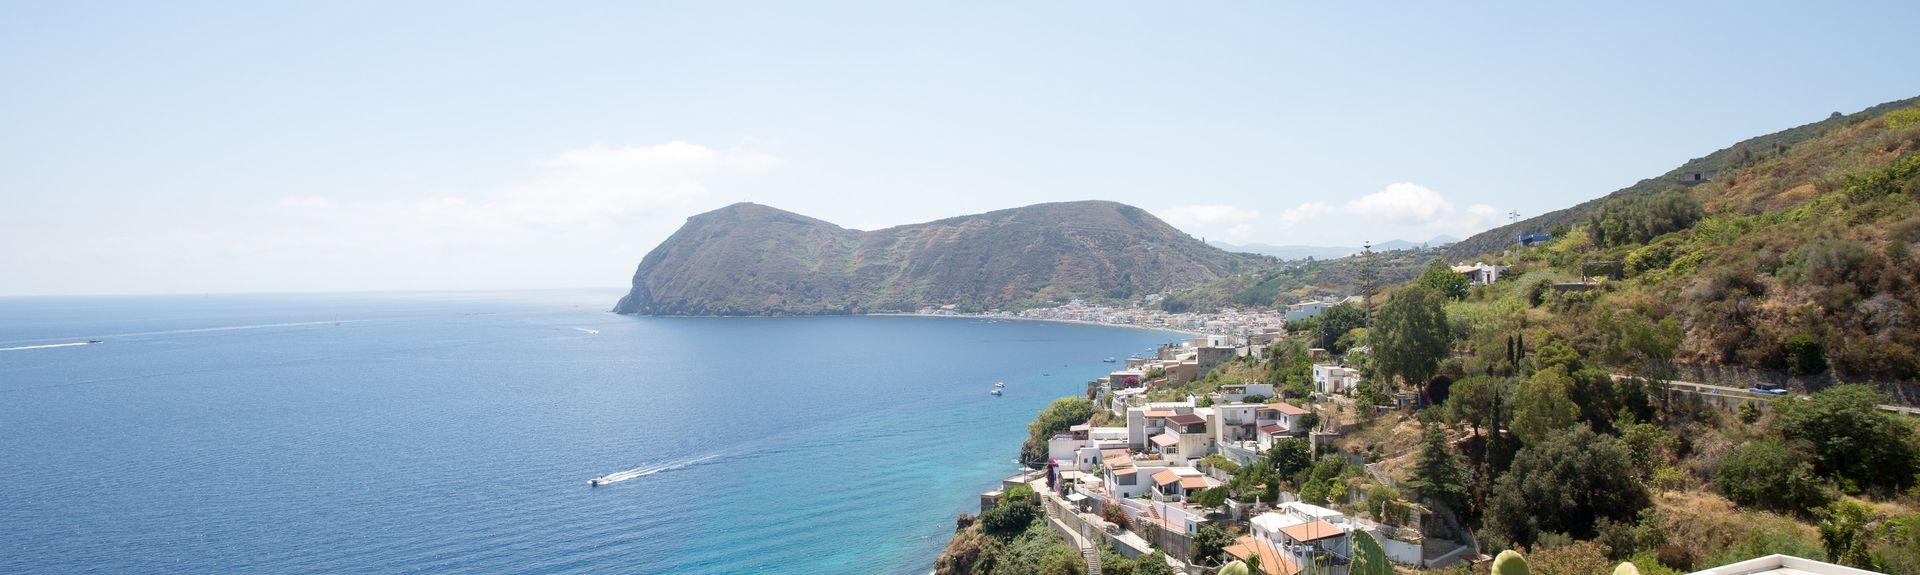 Leni, Sicilia, Italia